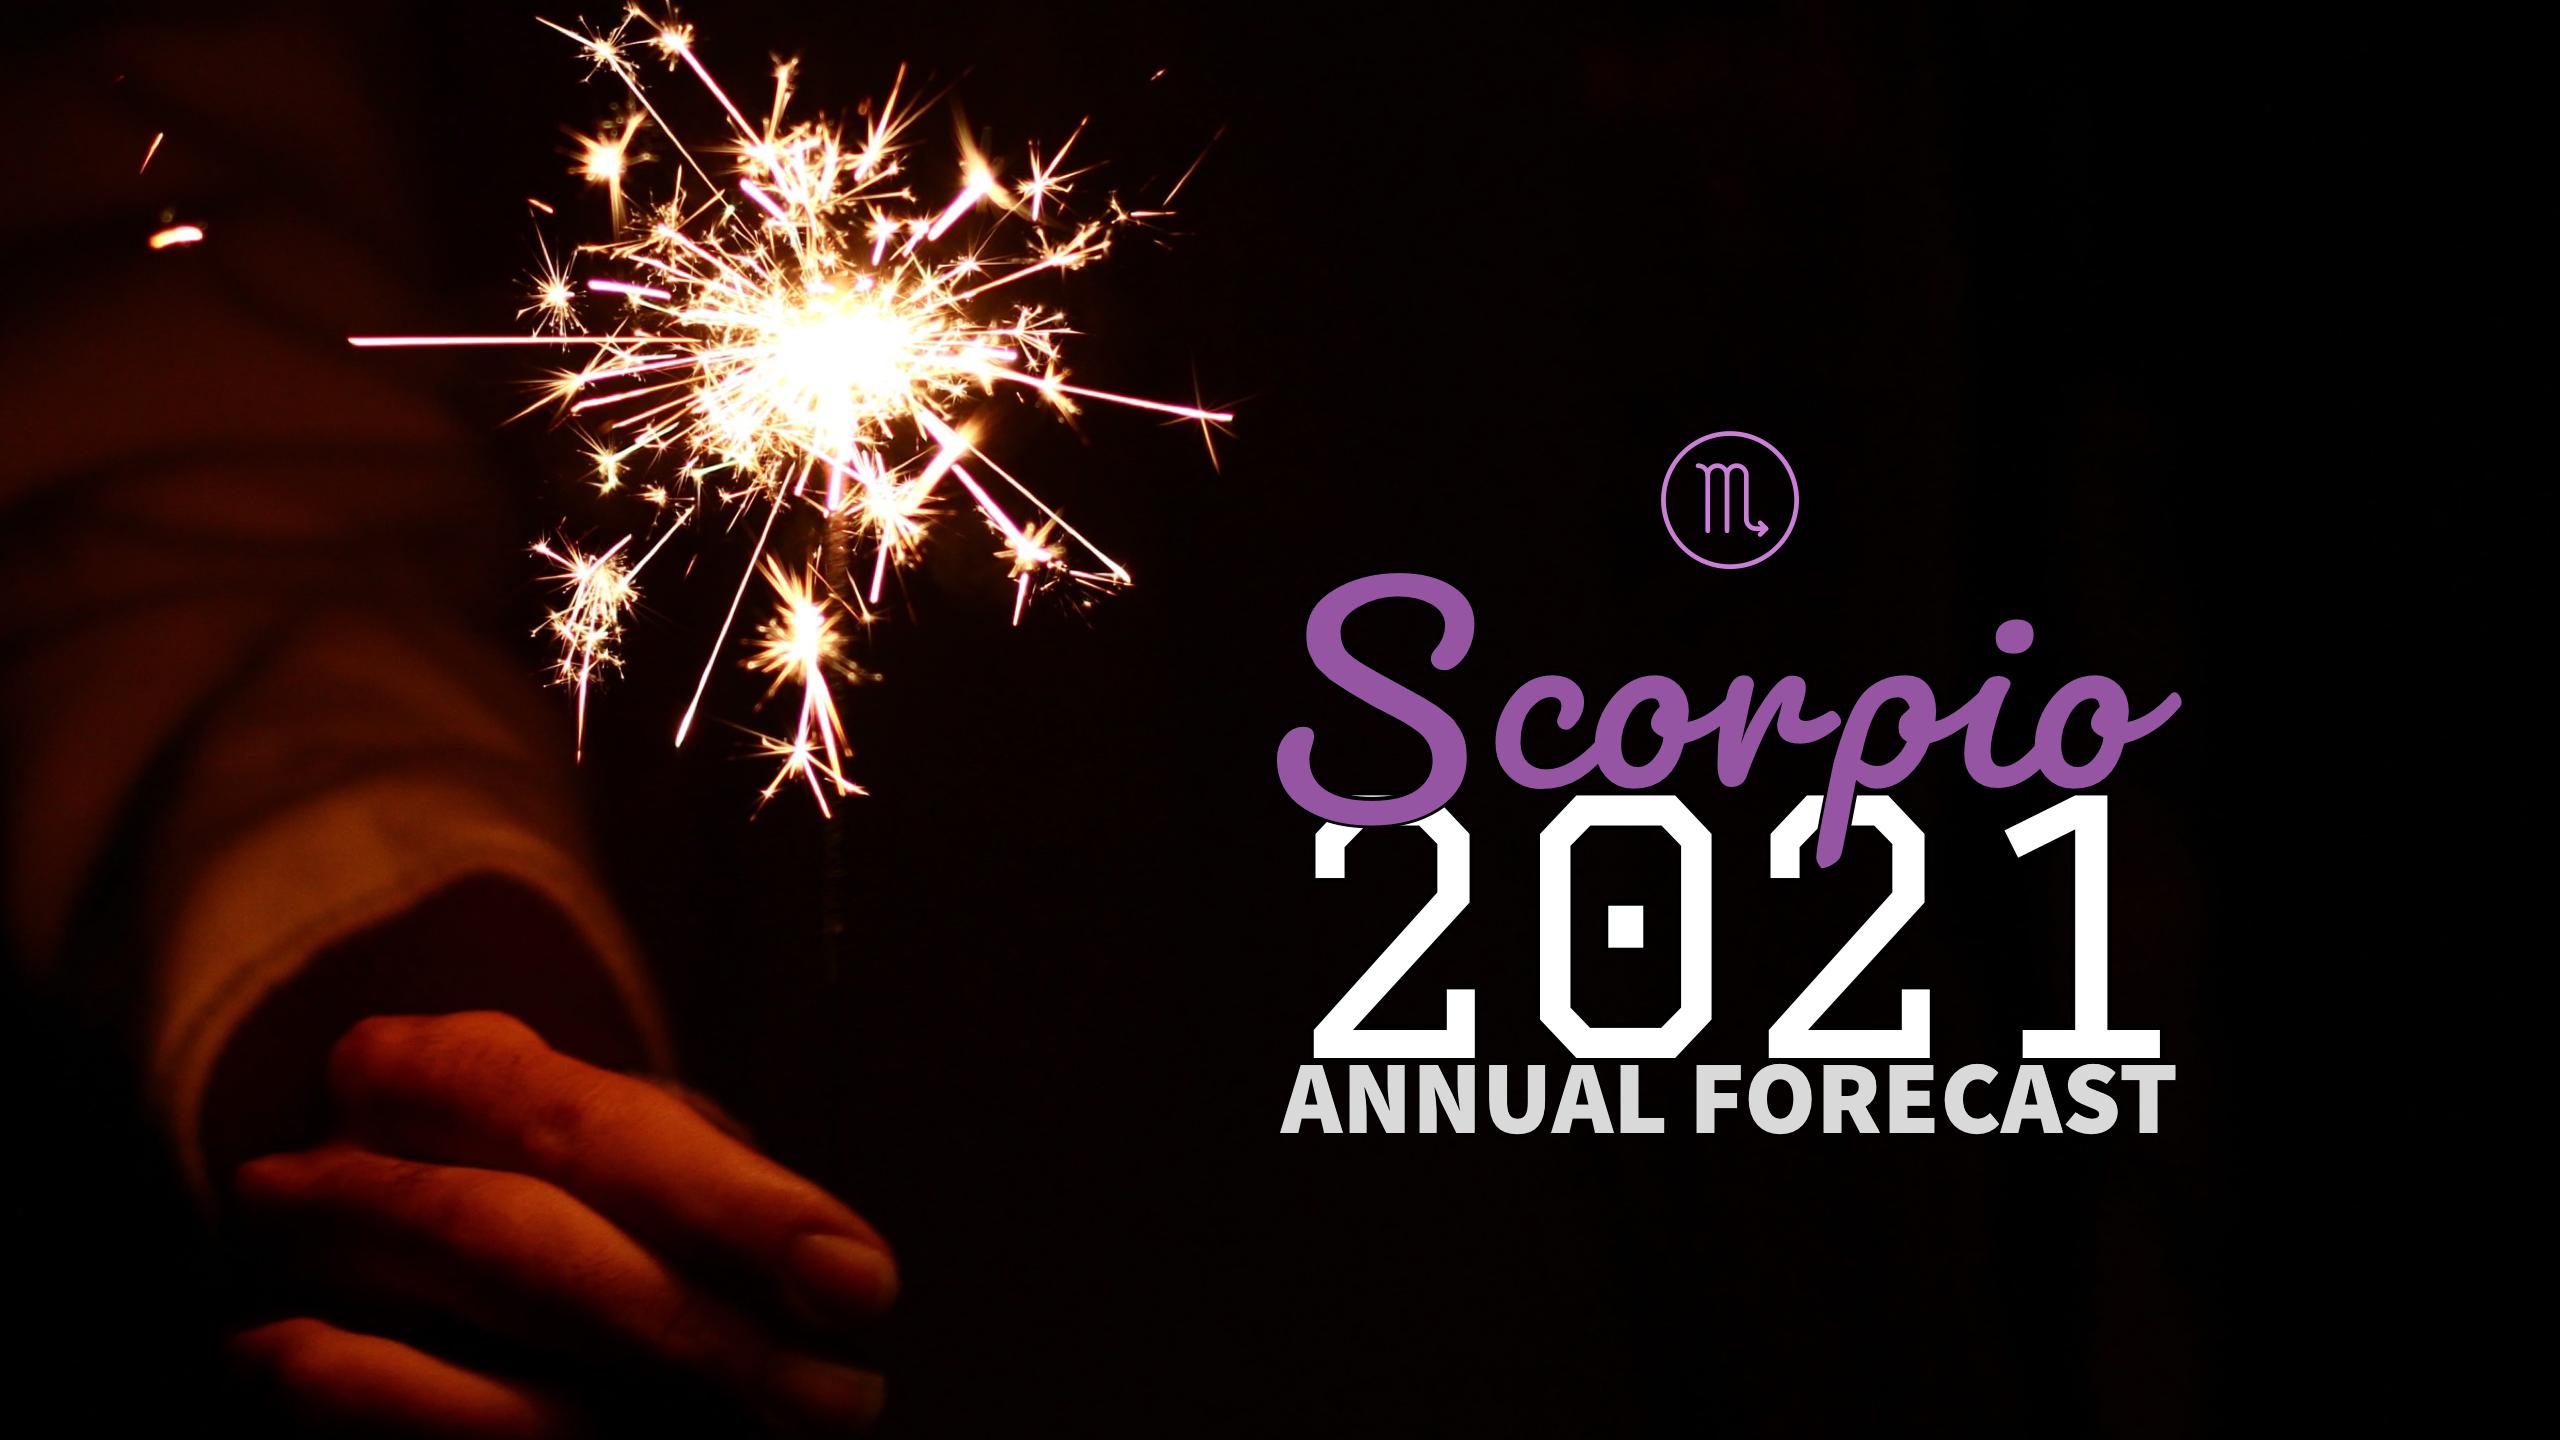 Annual Forecast 2021:Banner:08 Scorpio